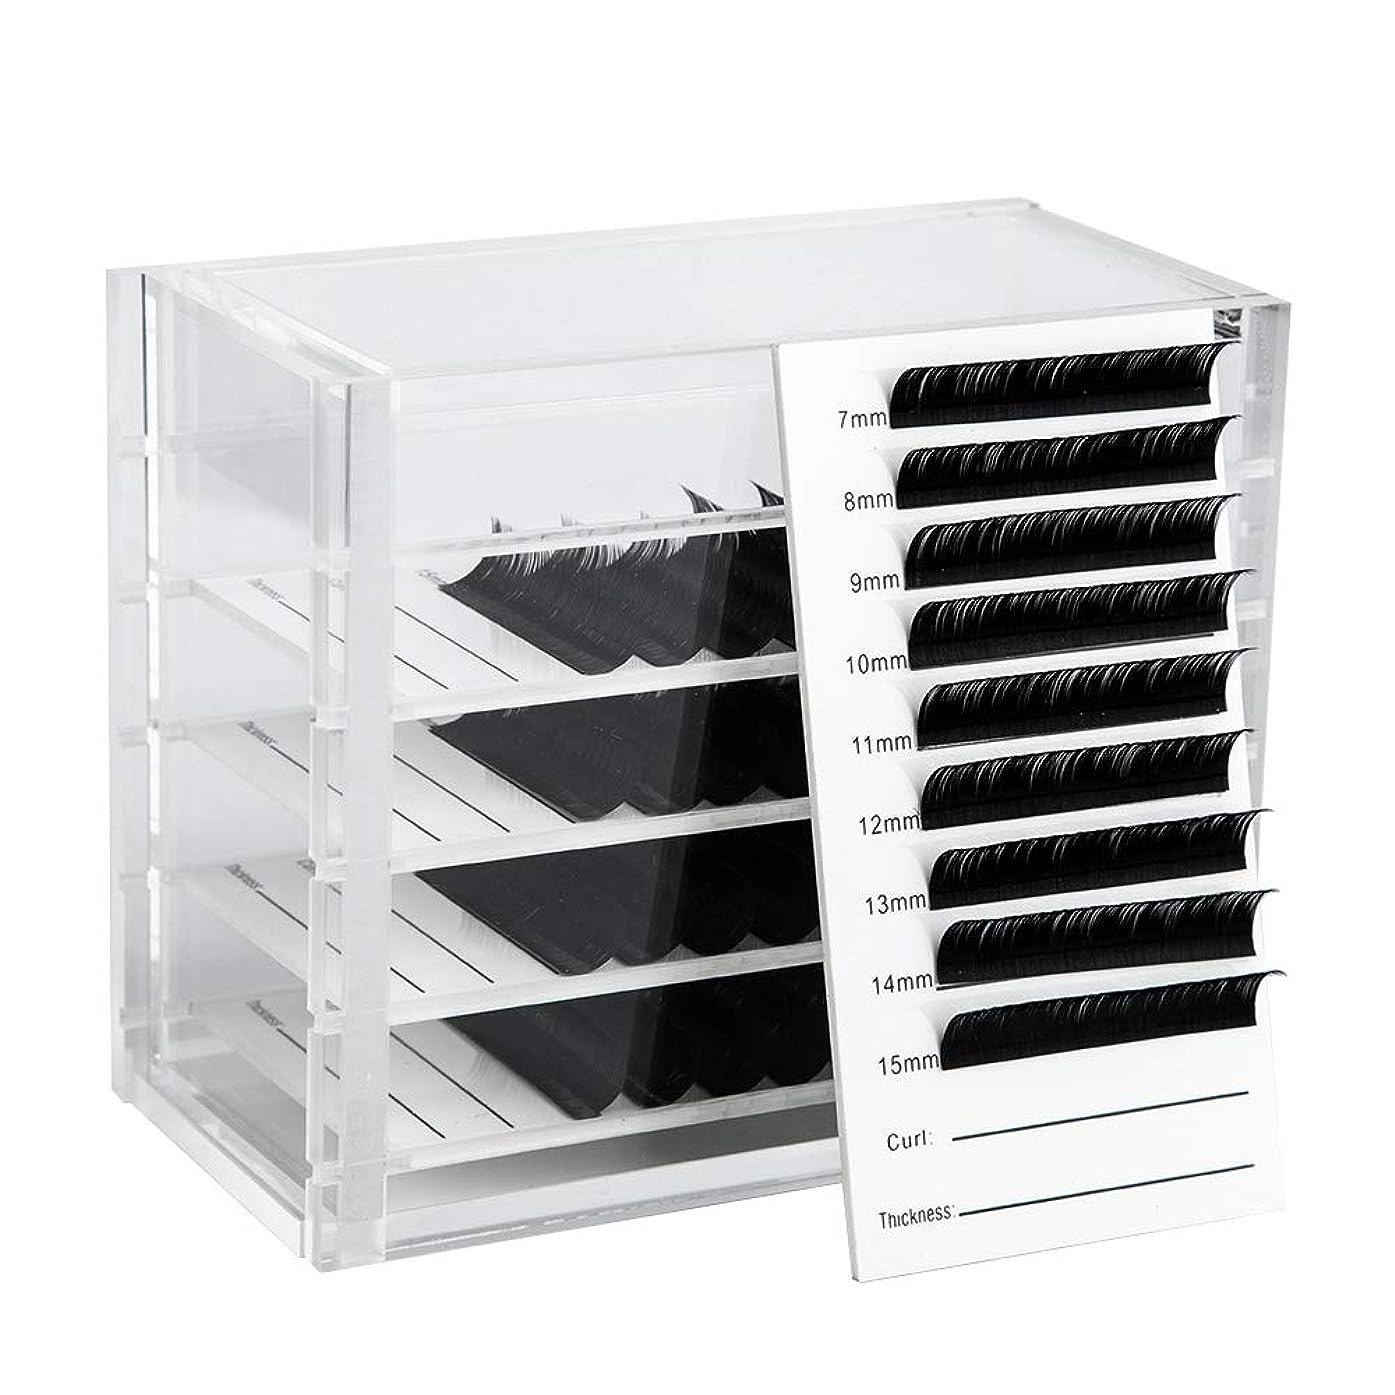 グレートバリアリーフ別々に奨励Nrpfell クリア5層まつげ収納ボックス化粧オーガナイザーつけまつげ接着剤パレットホルダーグラフトまつげエクステメイクツール